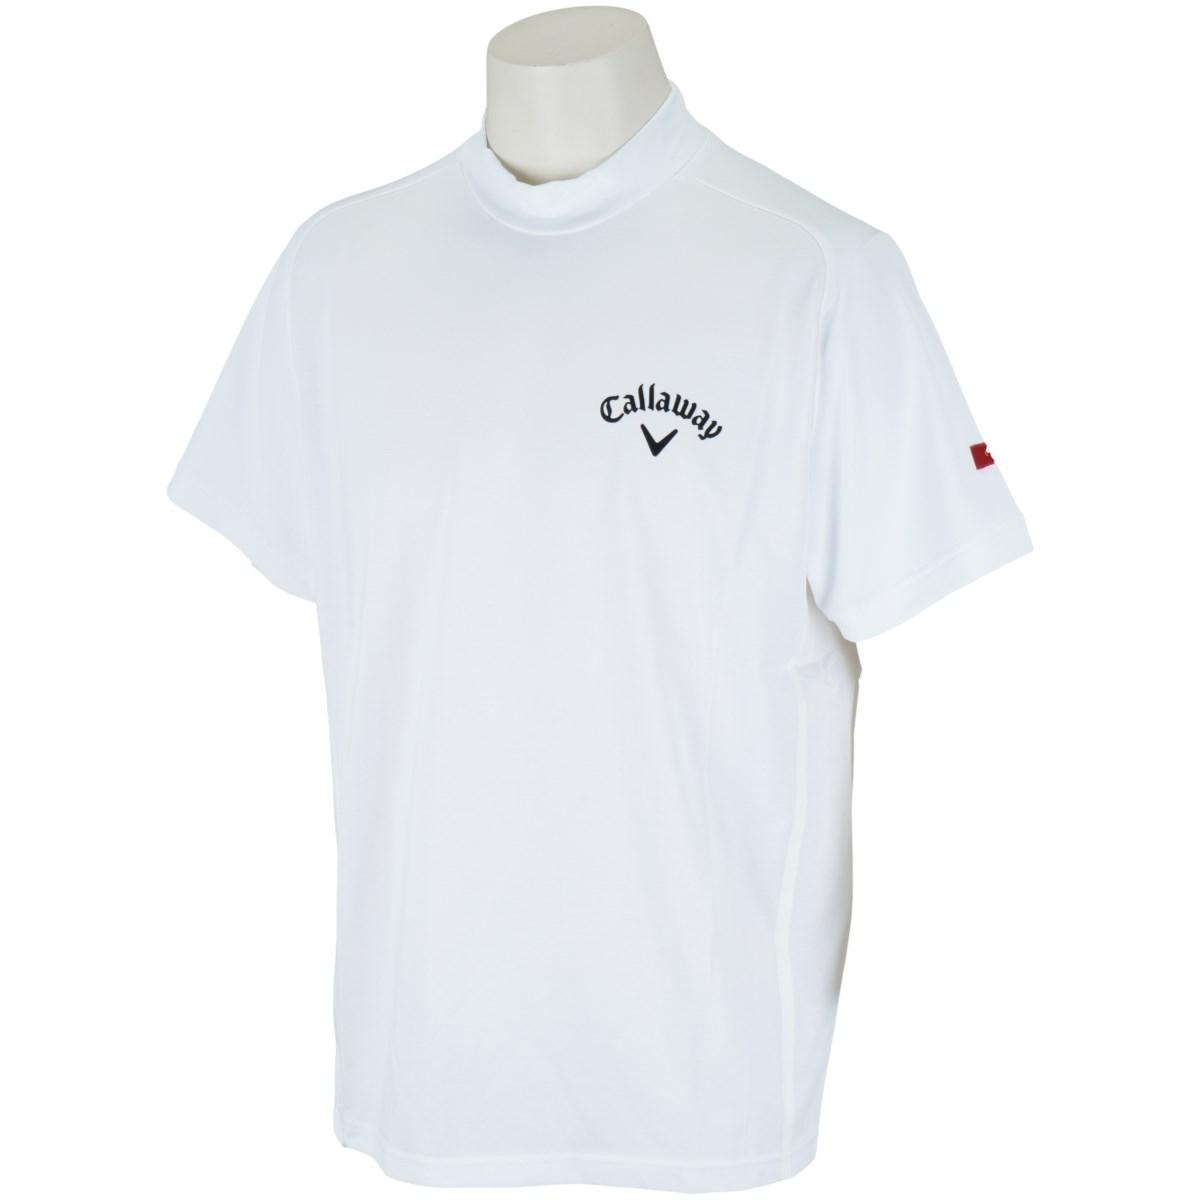 キャロウェイゴルフ CALLAWAY RED LABEL 半袖ハイネックシャツ M ホワイト 030